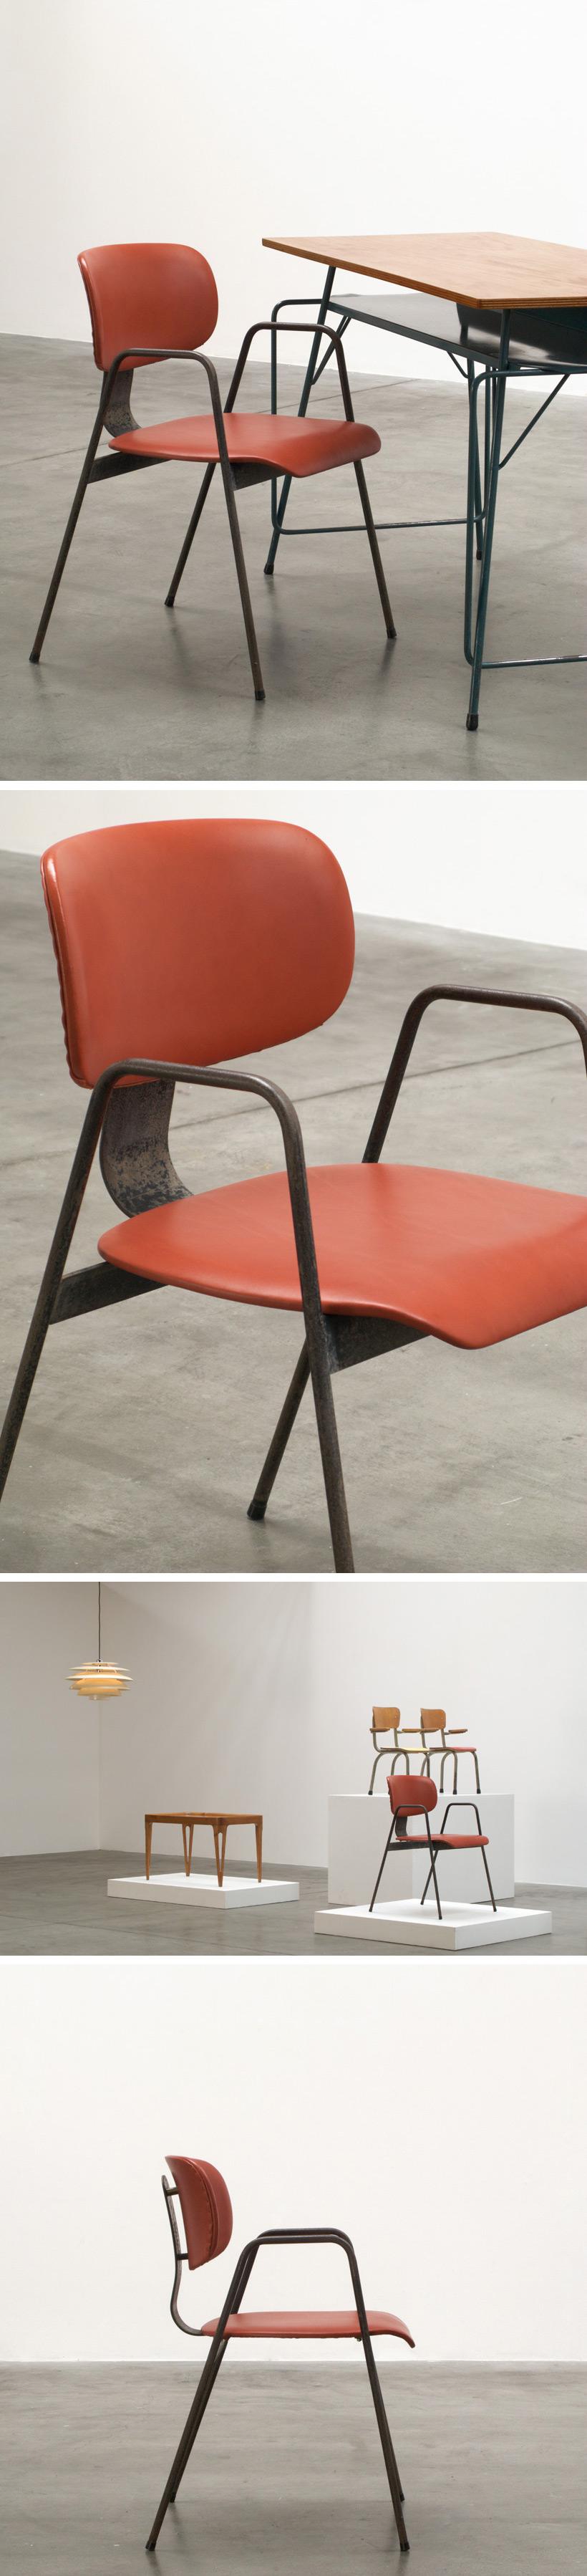 Willy Van der Meeren F2 chair Large